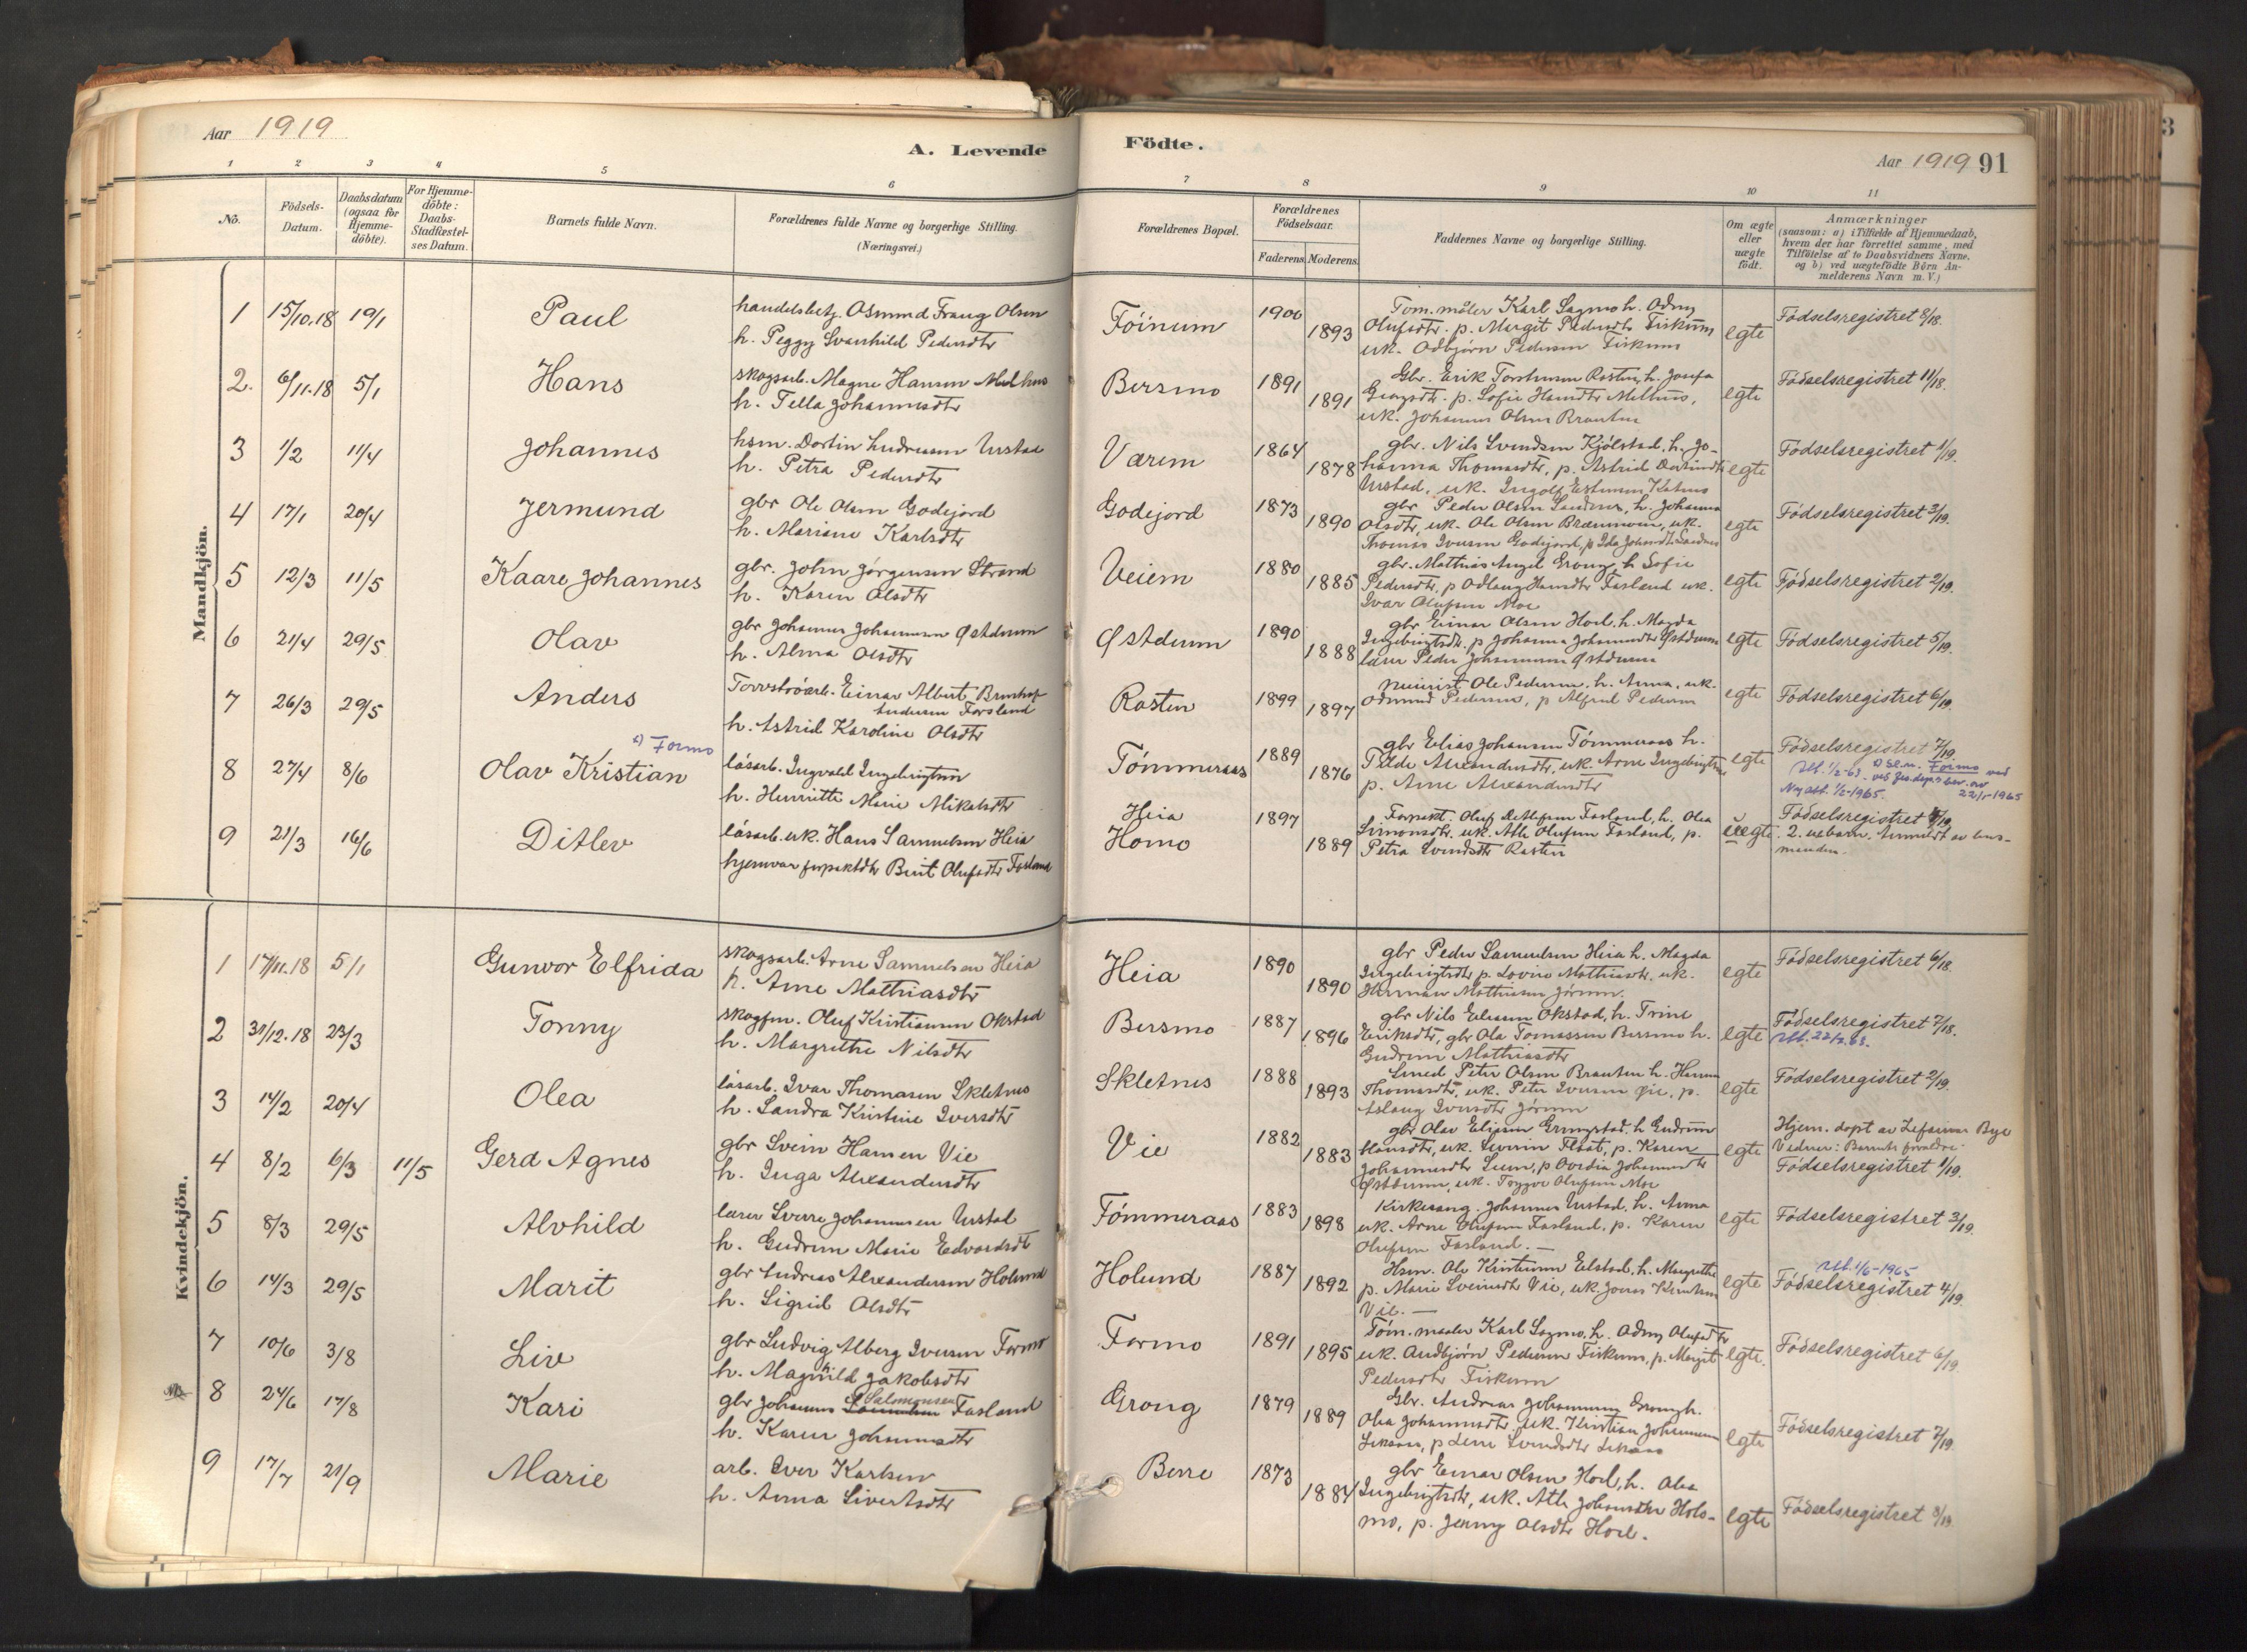 SAT, Ministerialprotokoller, klokkerbøker og fødselsregistre - Nord-Trøndelag, 758/L0519: Ministerialbok nr. 758A04, 1880-1926, s. 91